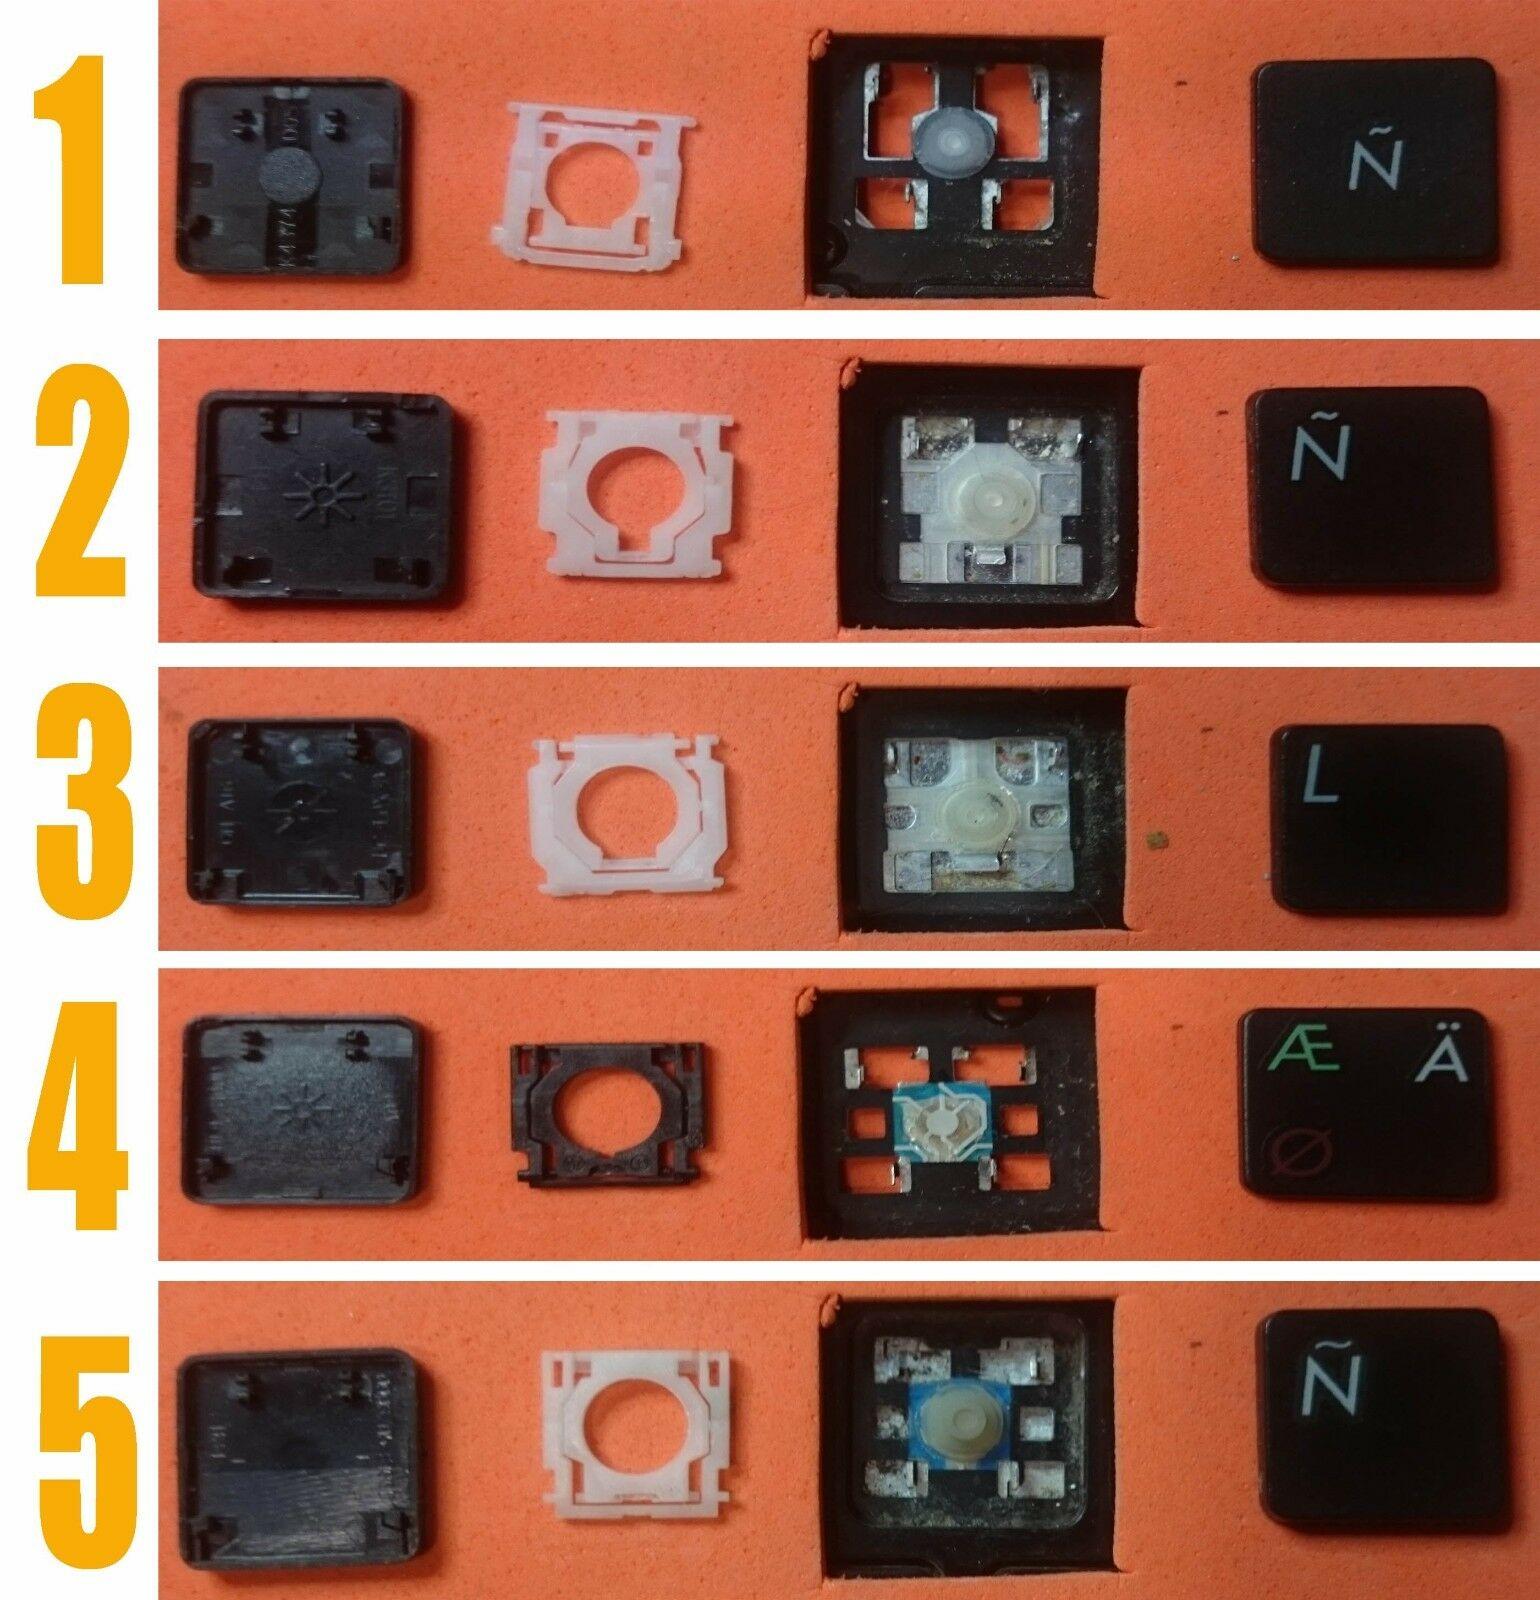 TECLA TECLAS TECLADO ASUS X501EI X501U X501XE X501XI X502 X550C X550CA X550CC